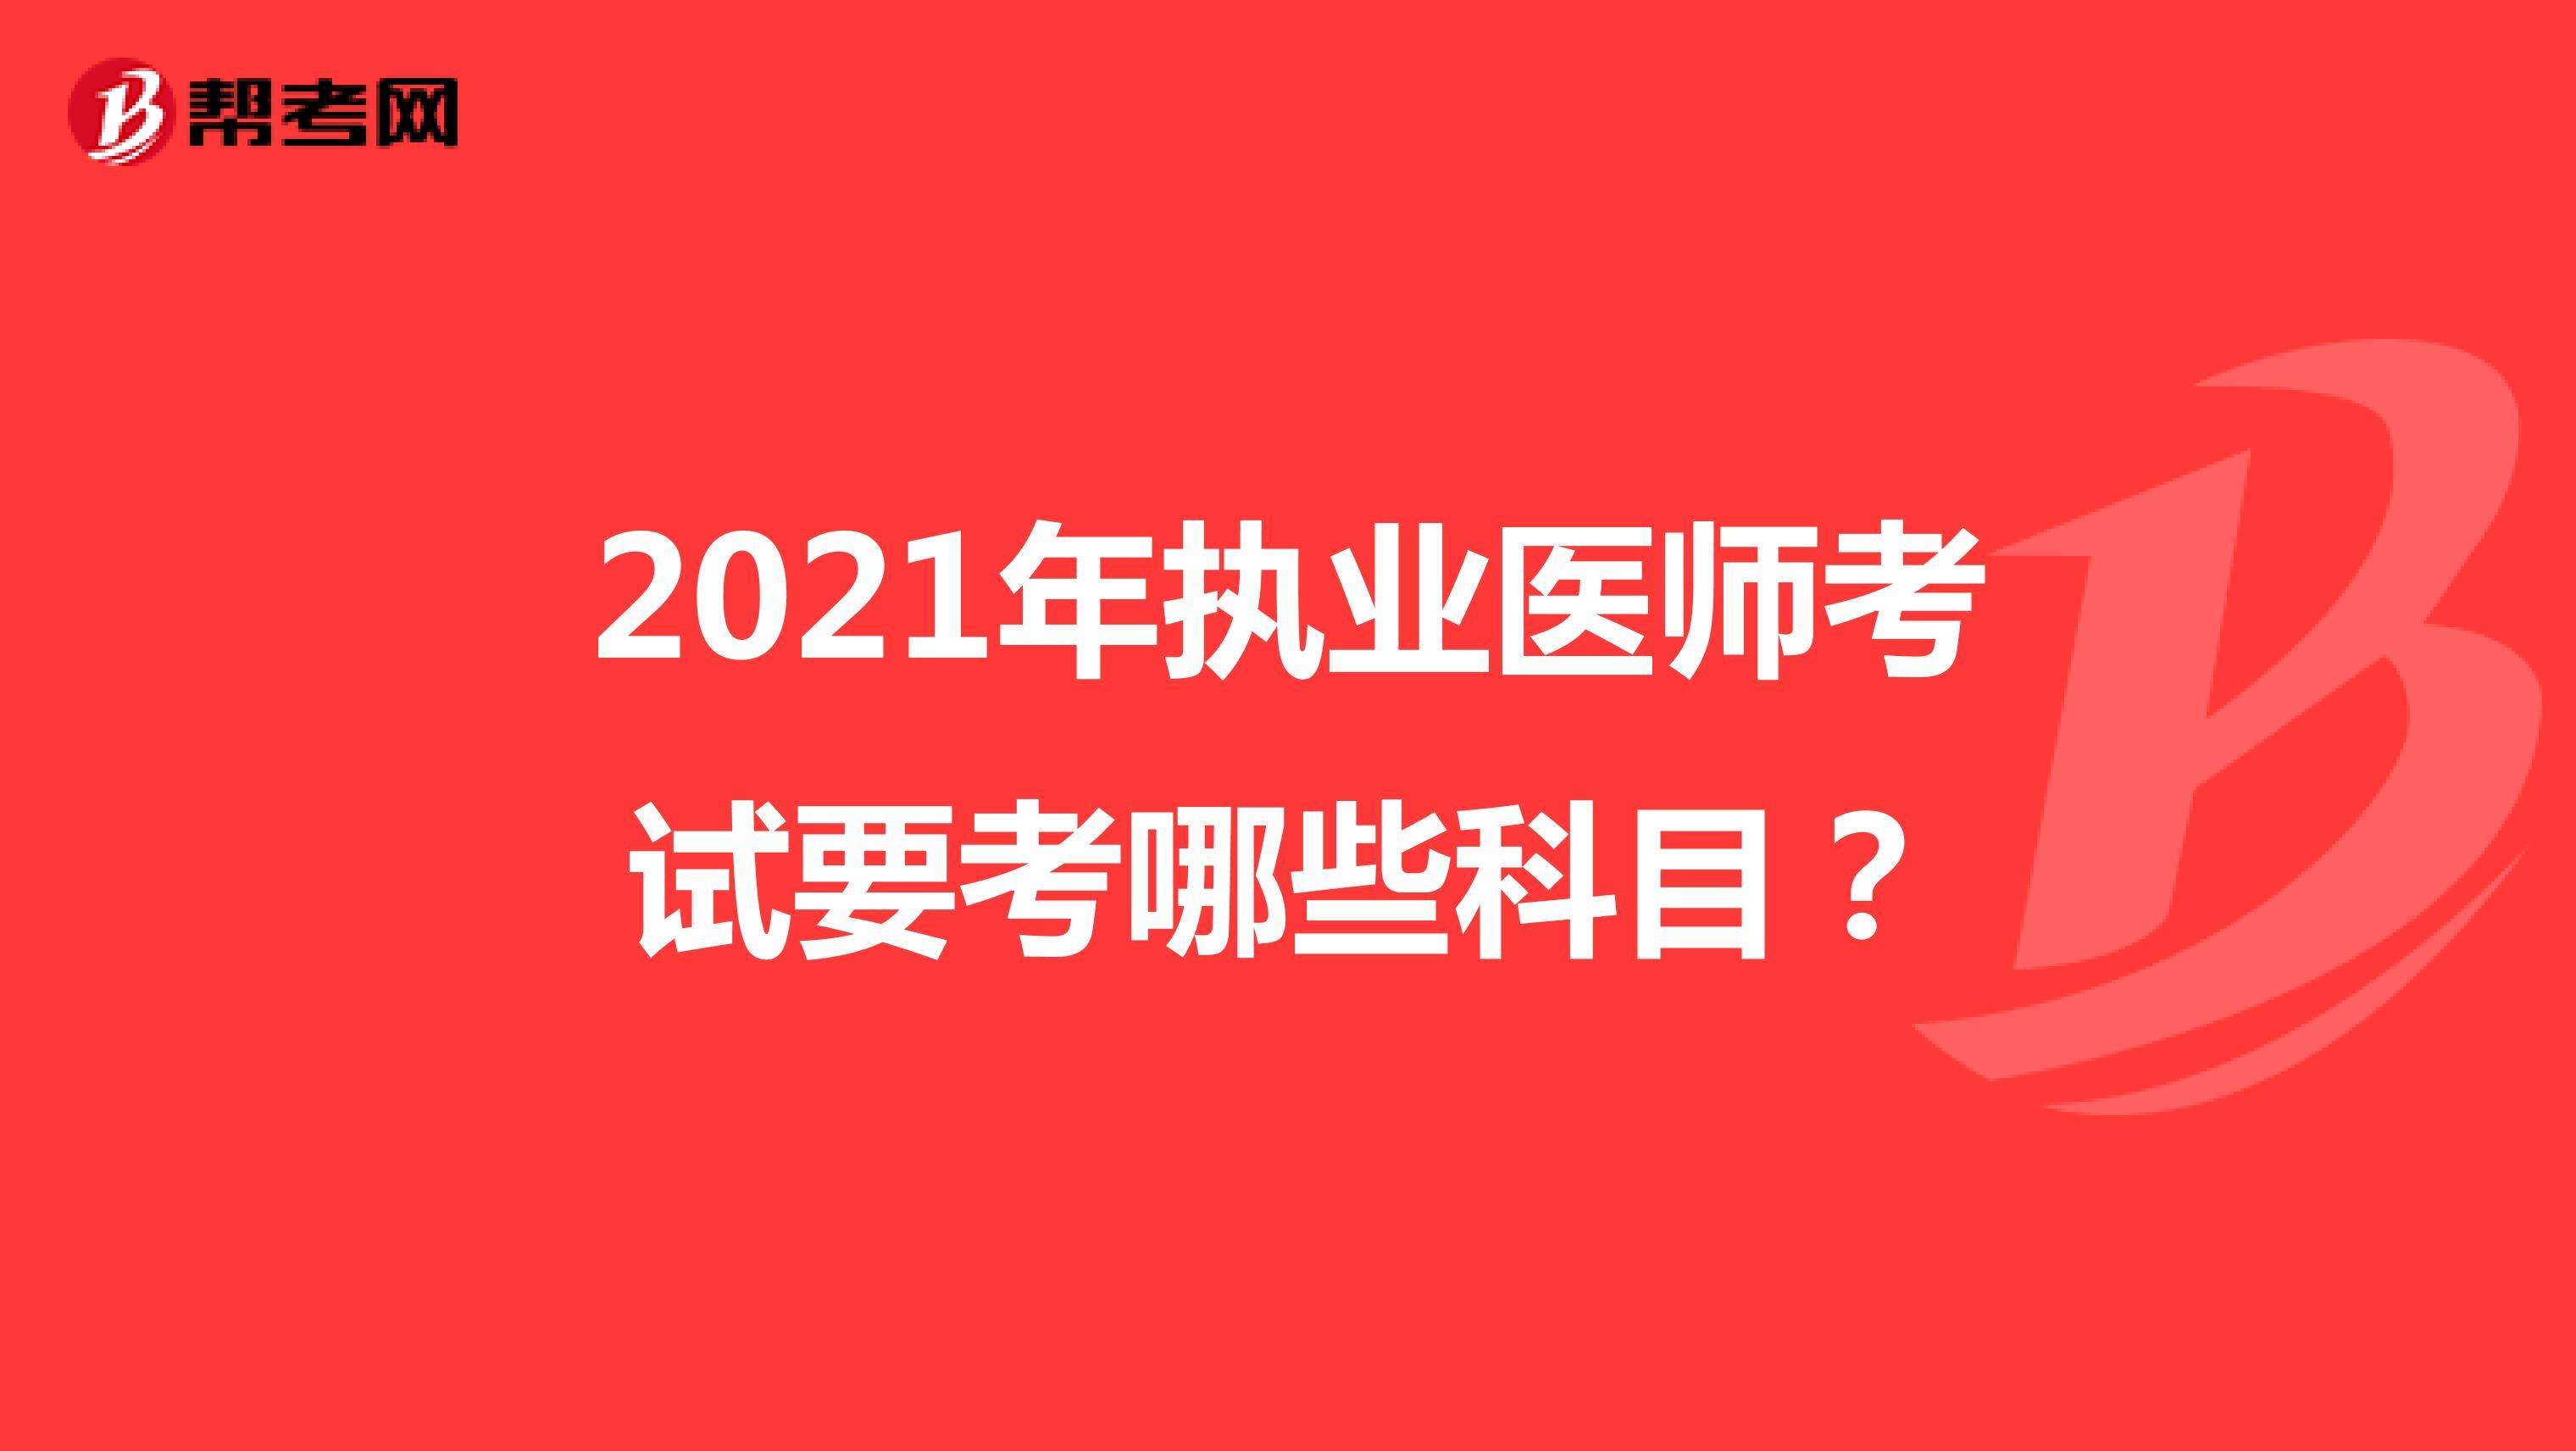 2021年执业医师考试要考哪些科目?